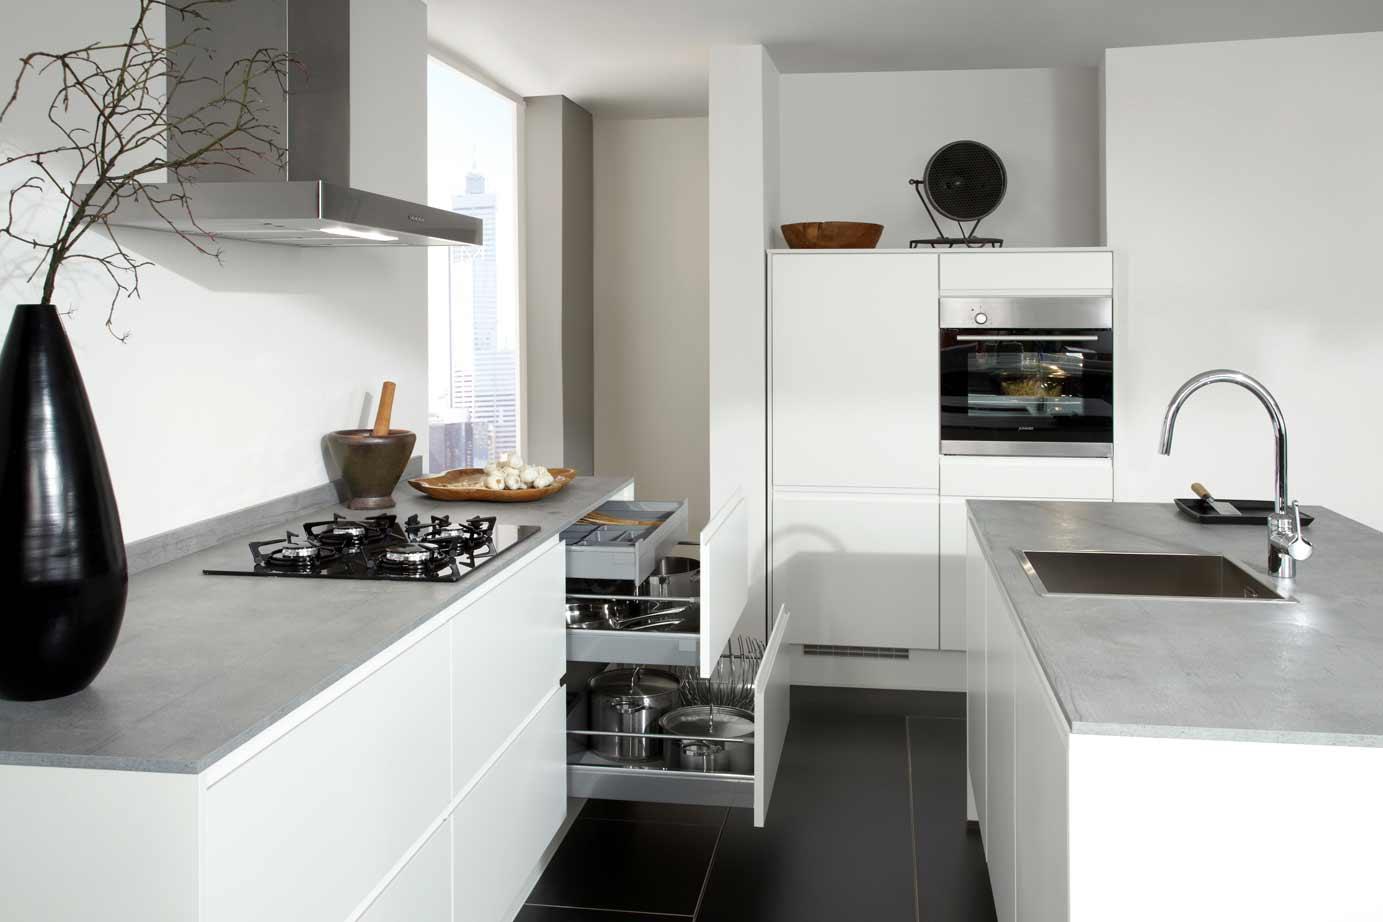 Goedkope Design Keukens : Goedkope keuken kopen, met beste prijs